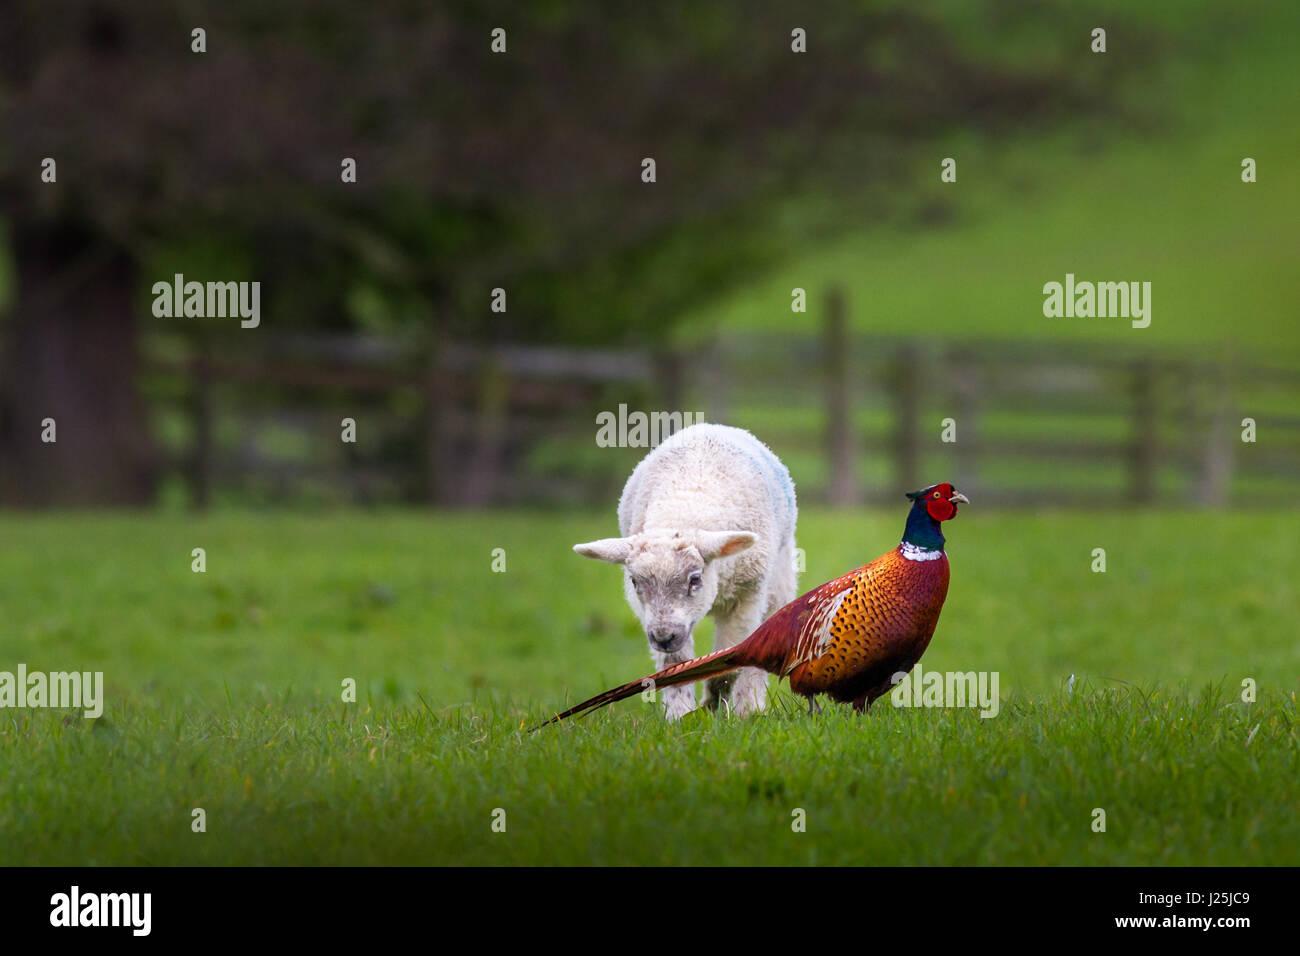 Tierwelt: Lamm neugierig eine neue Spezies in der Landschaft zu entdecken, ein männlicher Fasan, Burley-in Stockbild